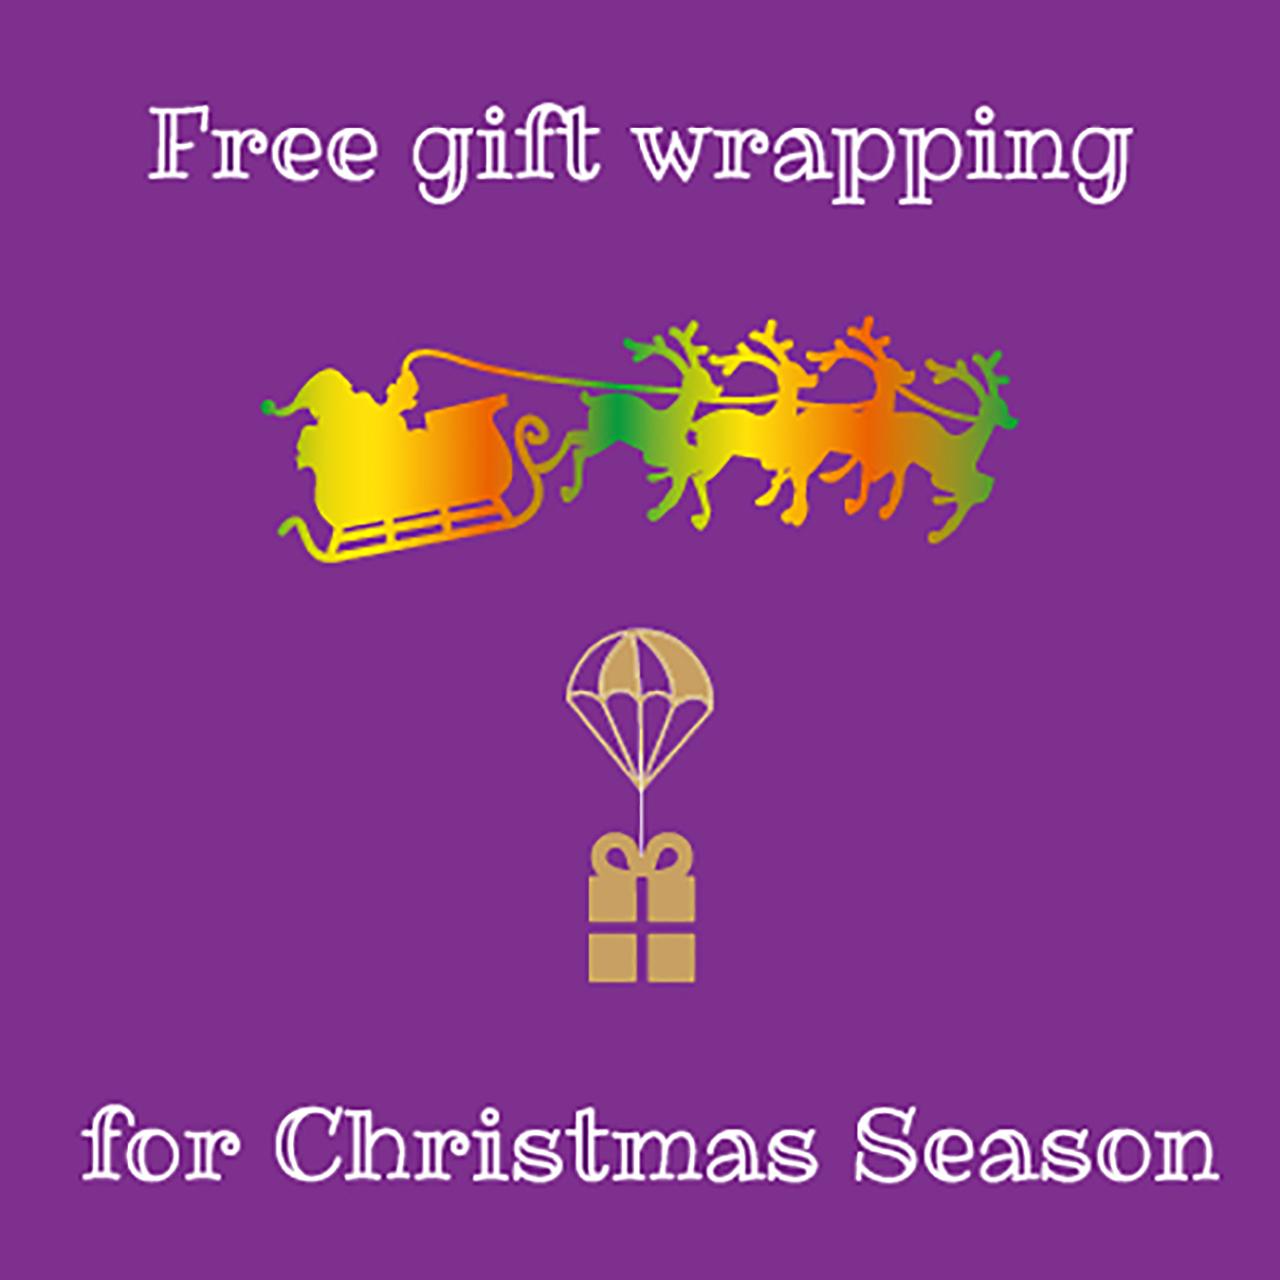 クリスマス無料ギフトラッピング